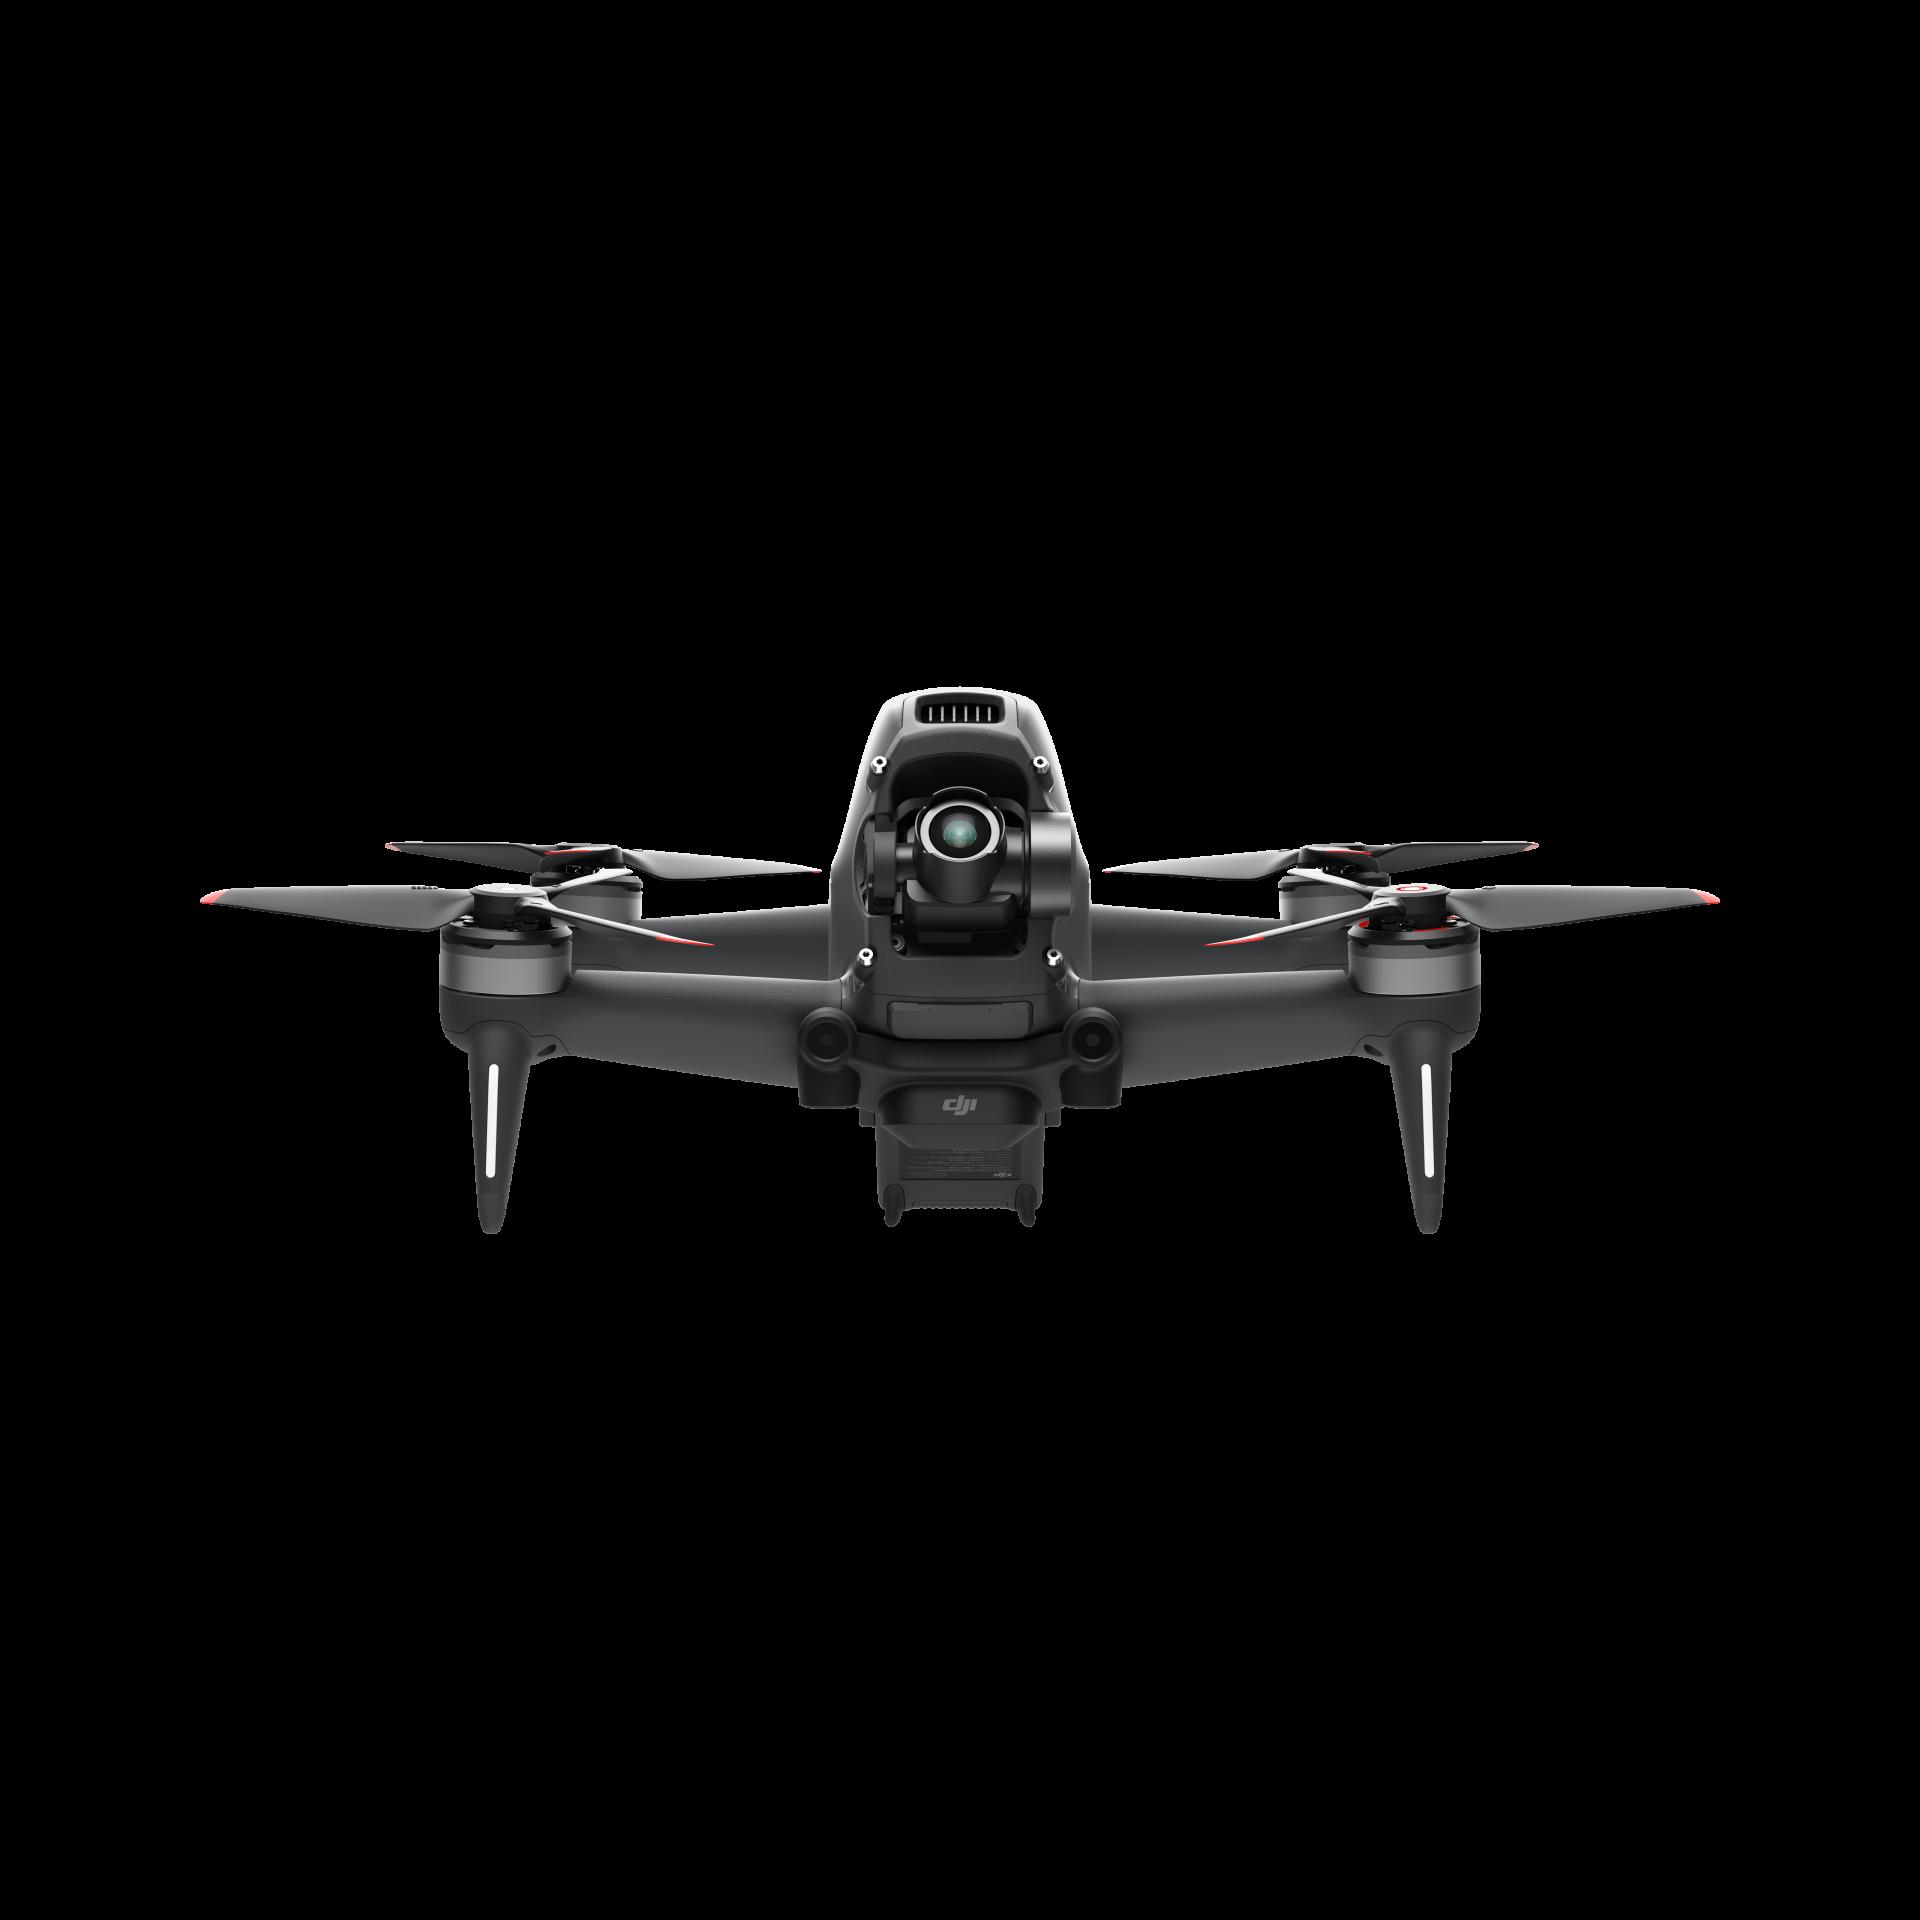 DJI FPV Drone_4